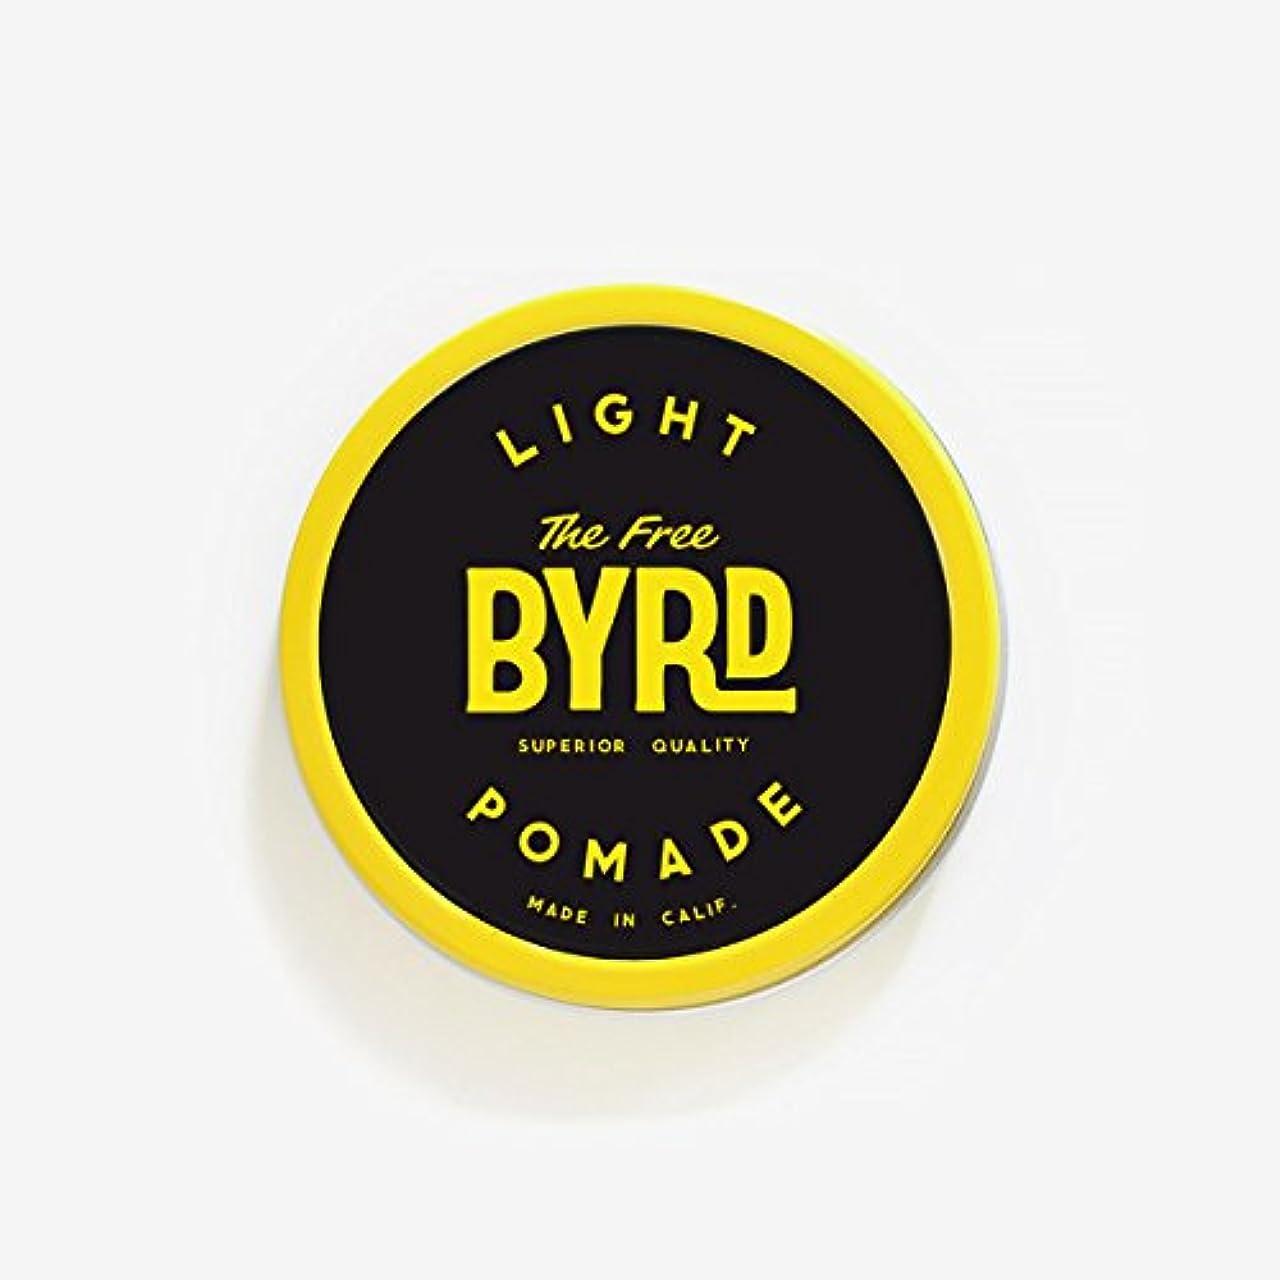 ペフ弱い流暢バード(BYRD) カリフォルニア発ポマード288 LIGHT POMADE SMALL(スモールサイズ)ライトスタイルヘアワックスヘアスタイリング剤耐水性香料メンズ/レディース 【LIGHT】SMALL